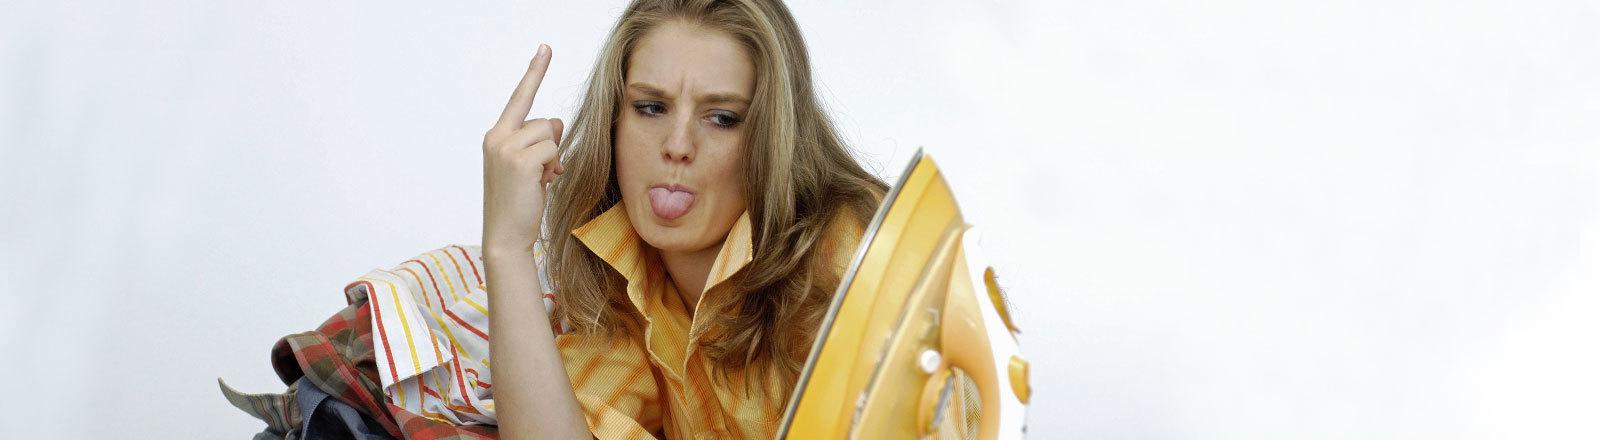 Frau lehnt sich auf Bügelbrett, streckt Zunge raus und zeigt den Mittelfinger